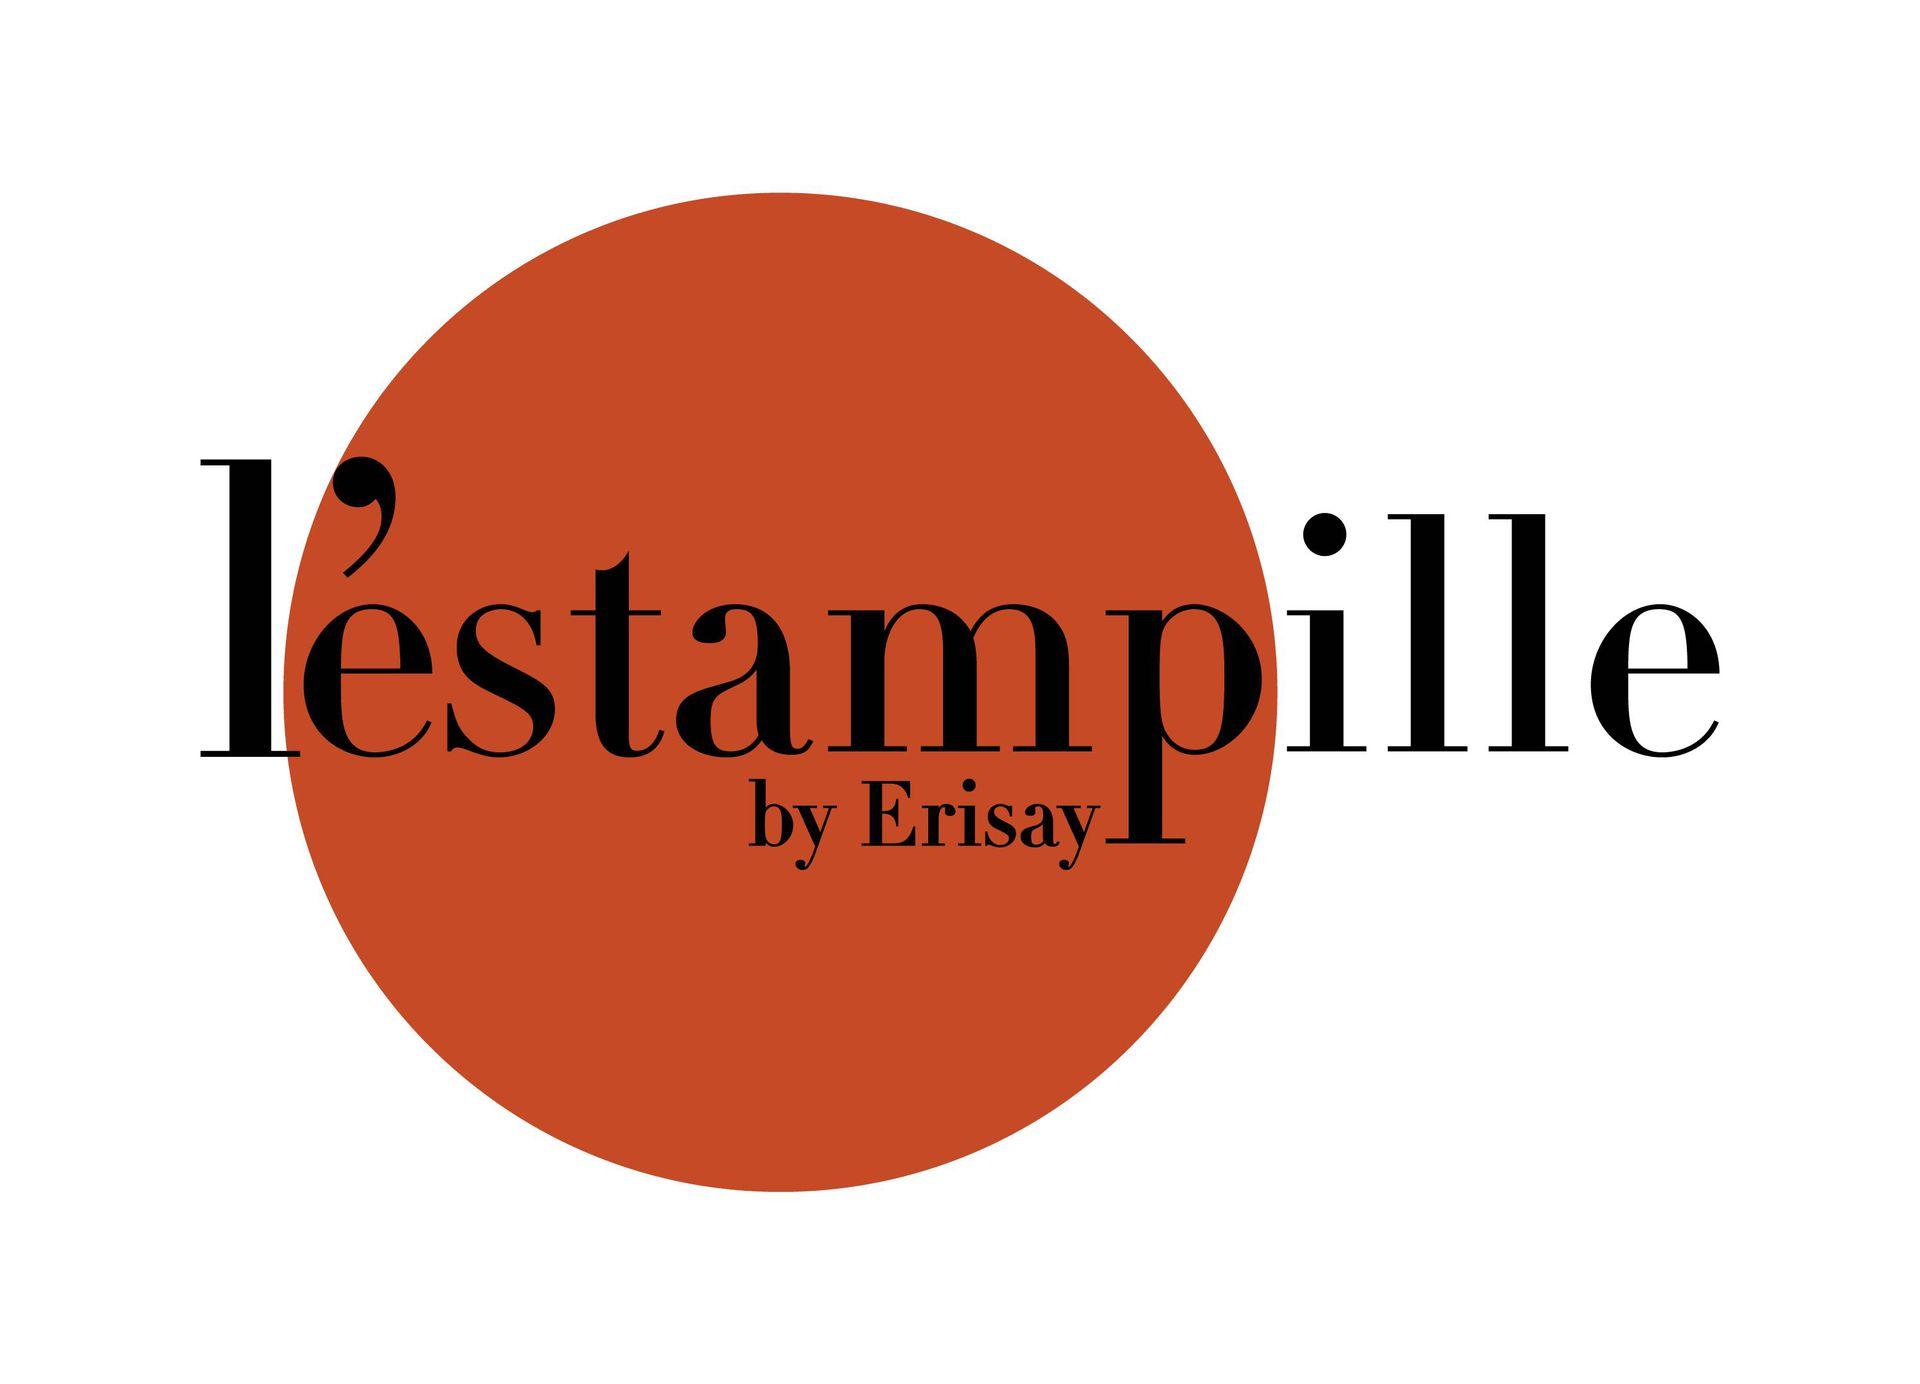 L'Estampille by Erisay restaurant